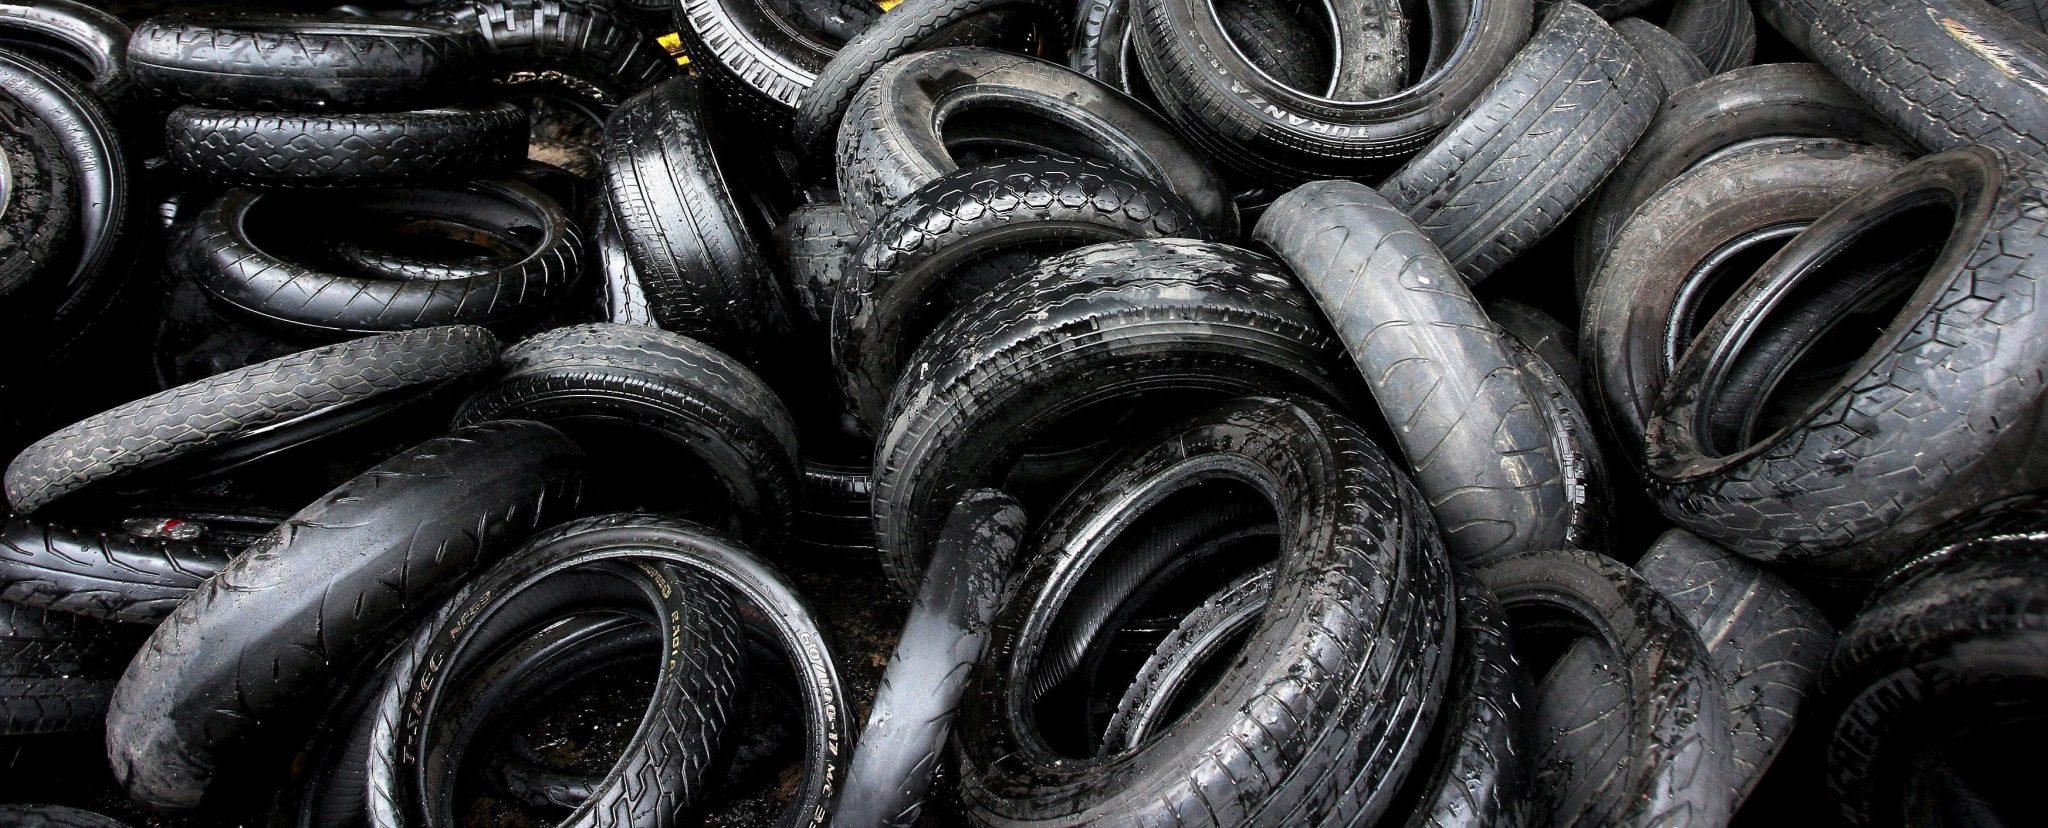 Neumáticos quemados, una amenaza latente para el medio ambiente y la comunidad.